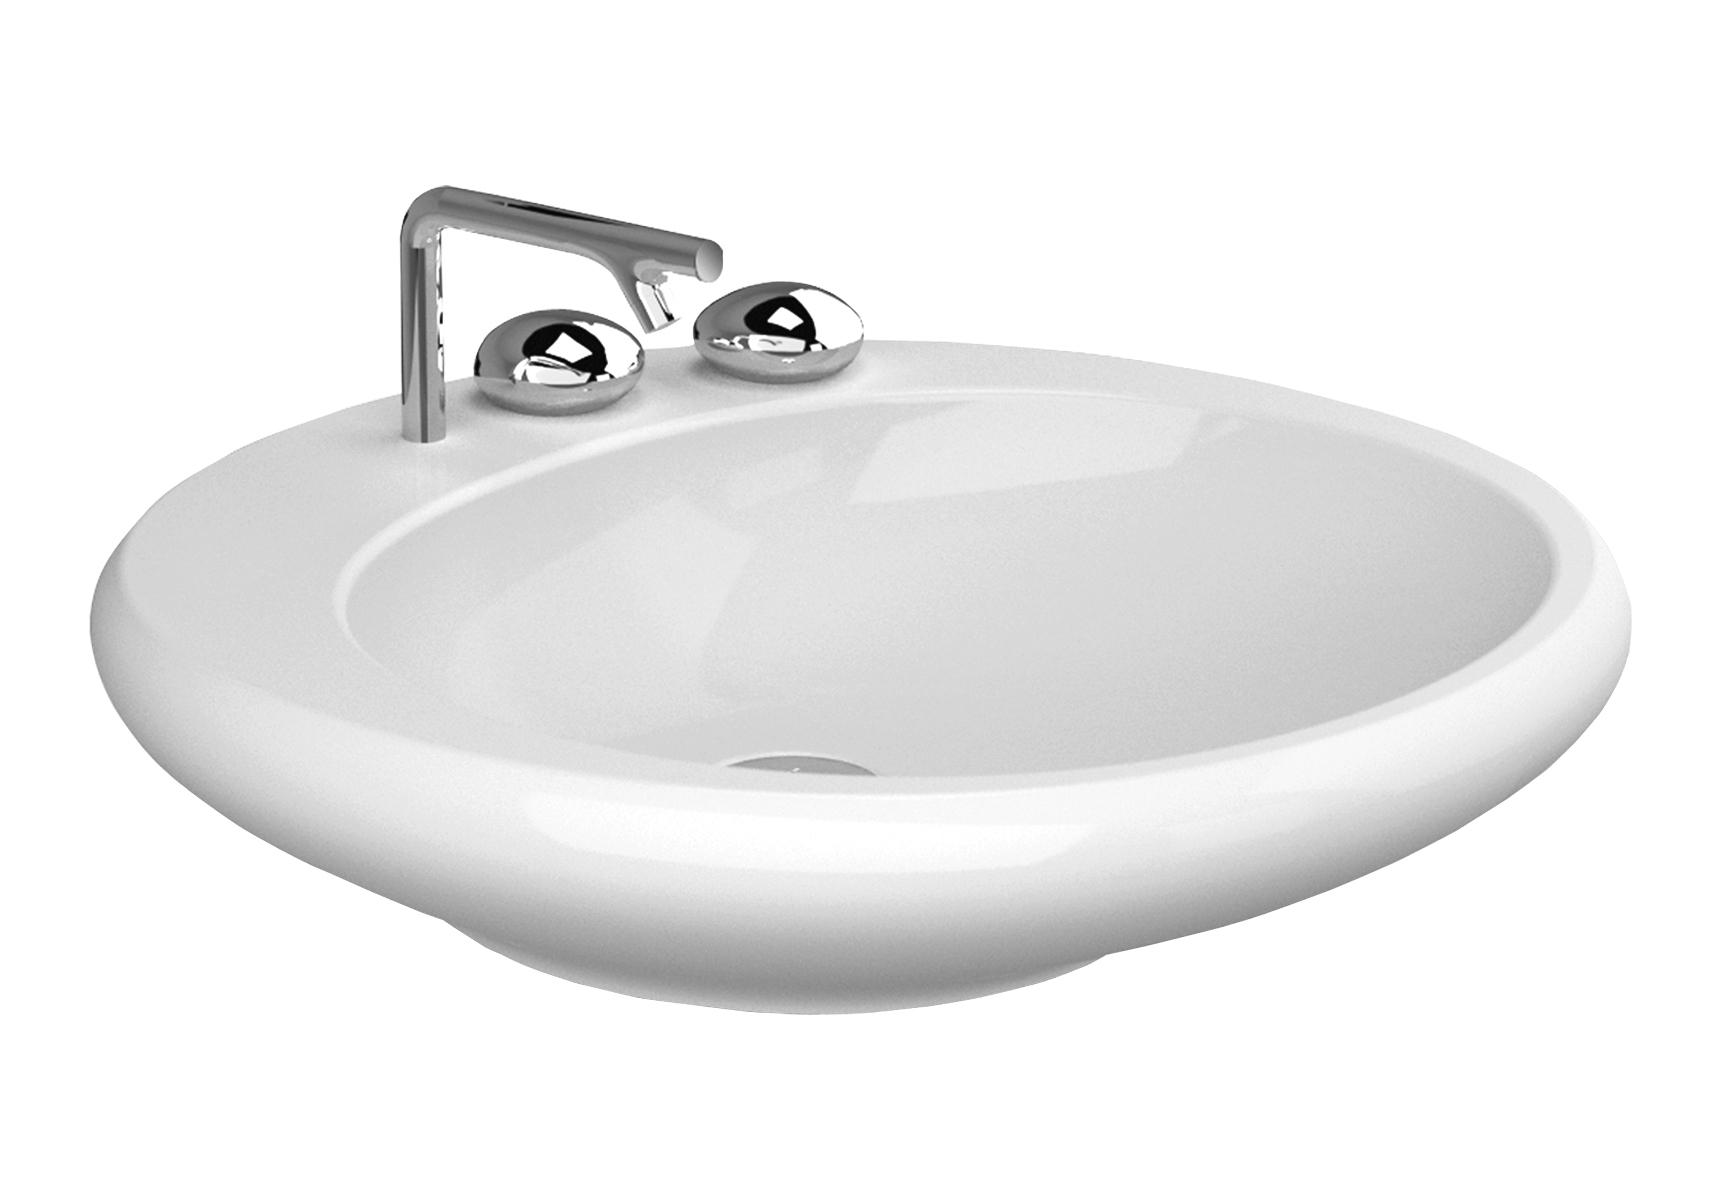 Istanbul Aufsatzwaschtisch, 60 cm, 1 Hahnloch, Weiß mit VitrA Clean